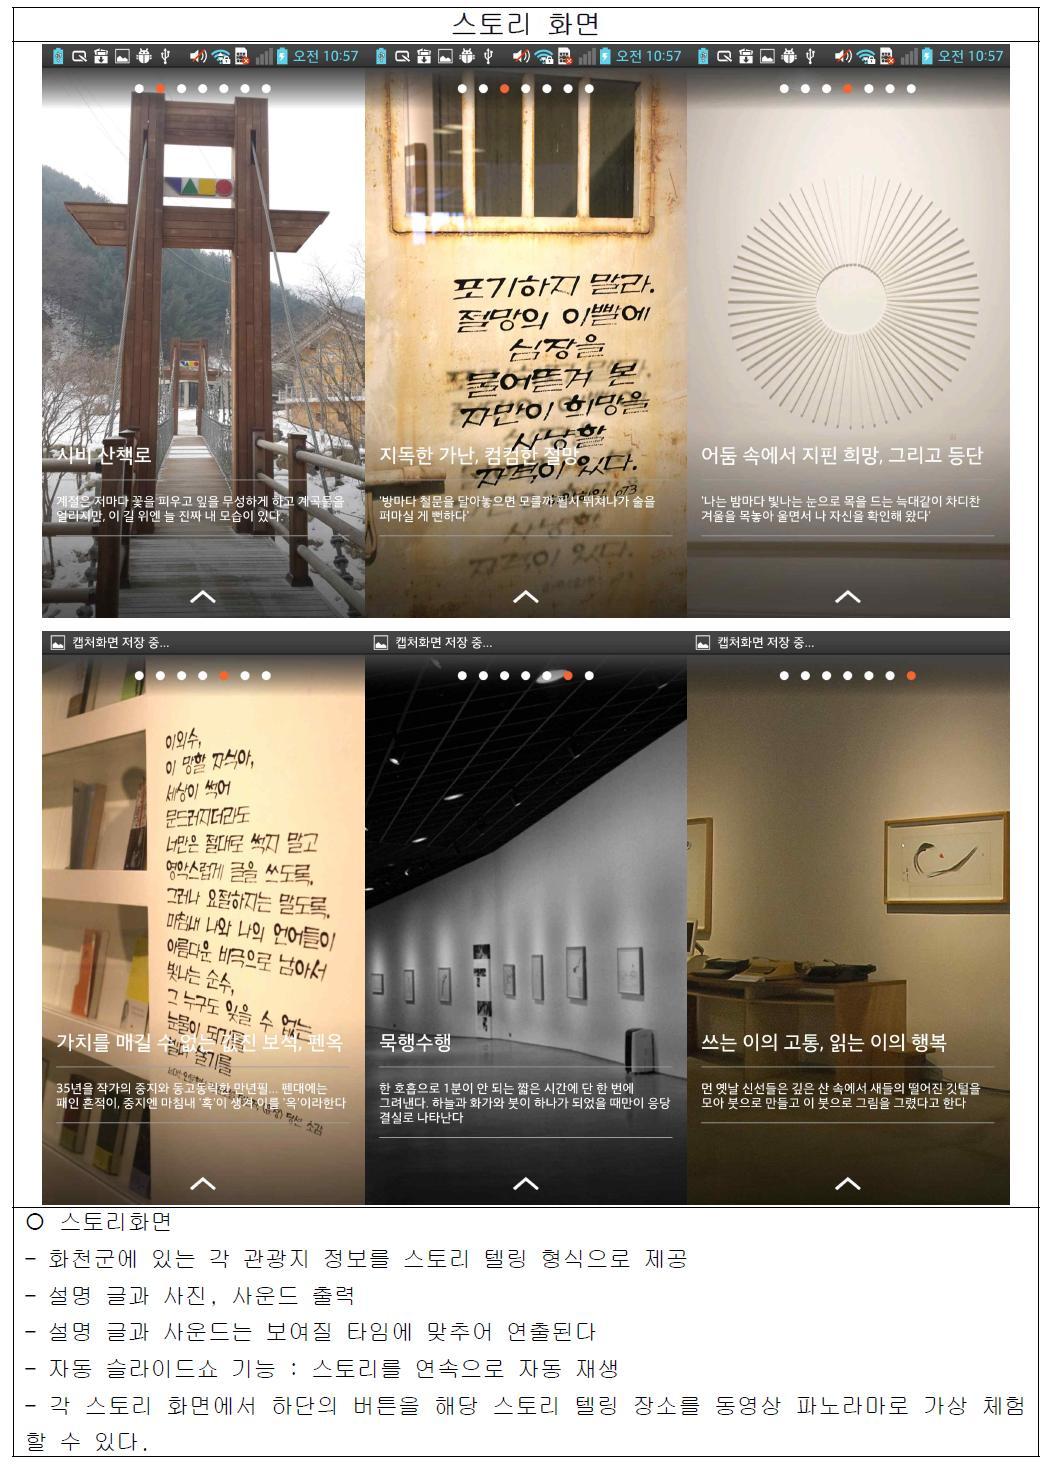 화천 관광 앱 스토리 화면